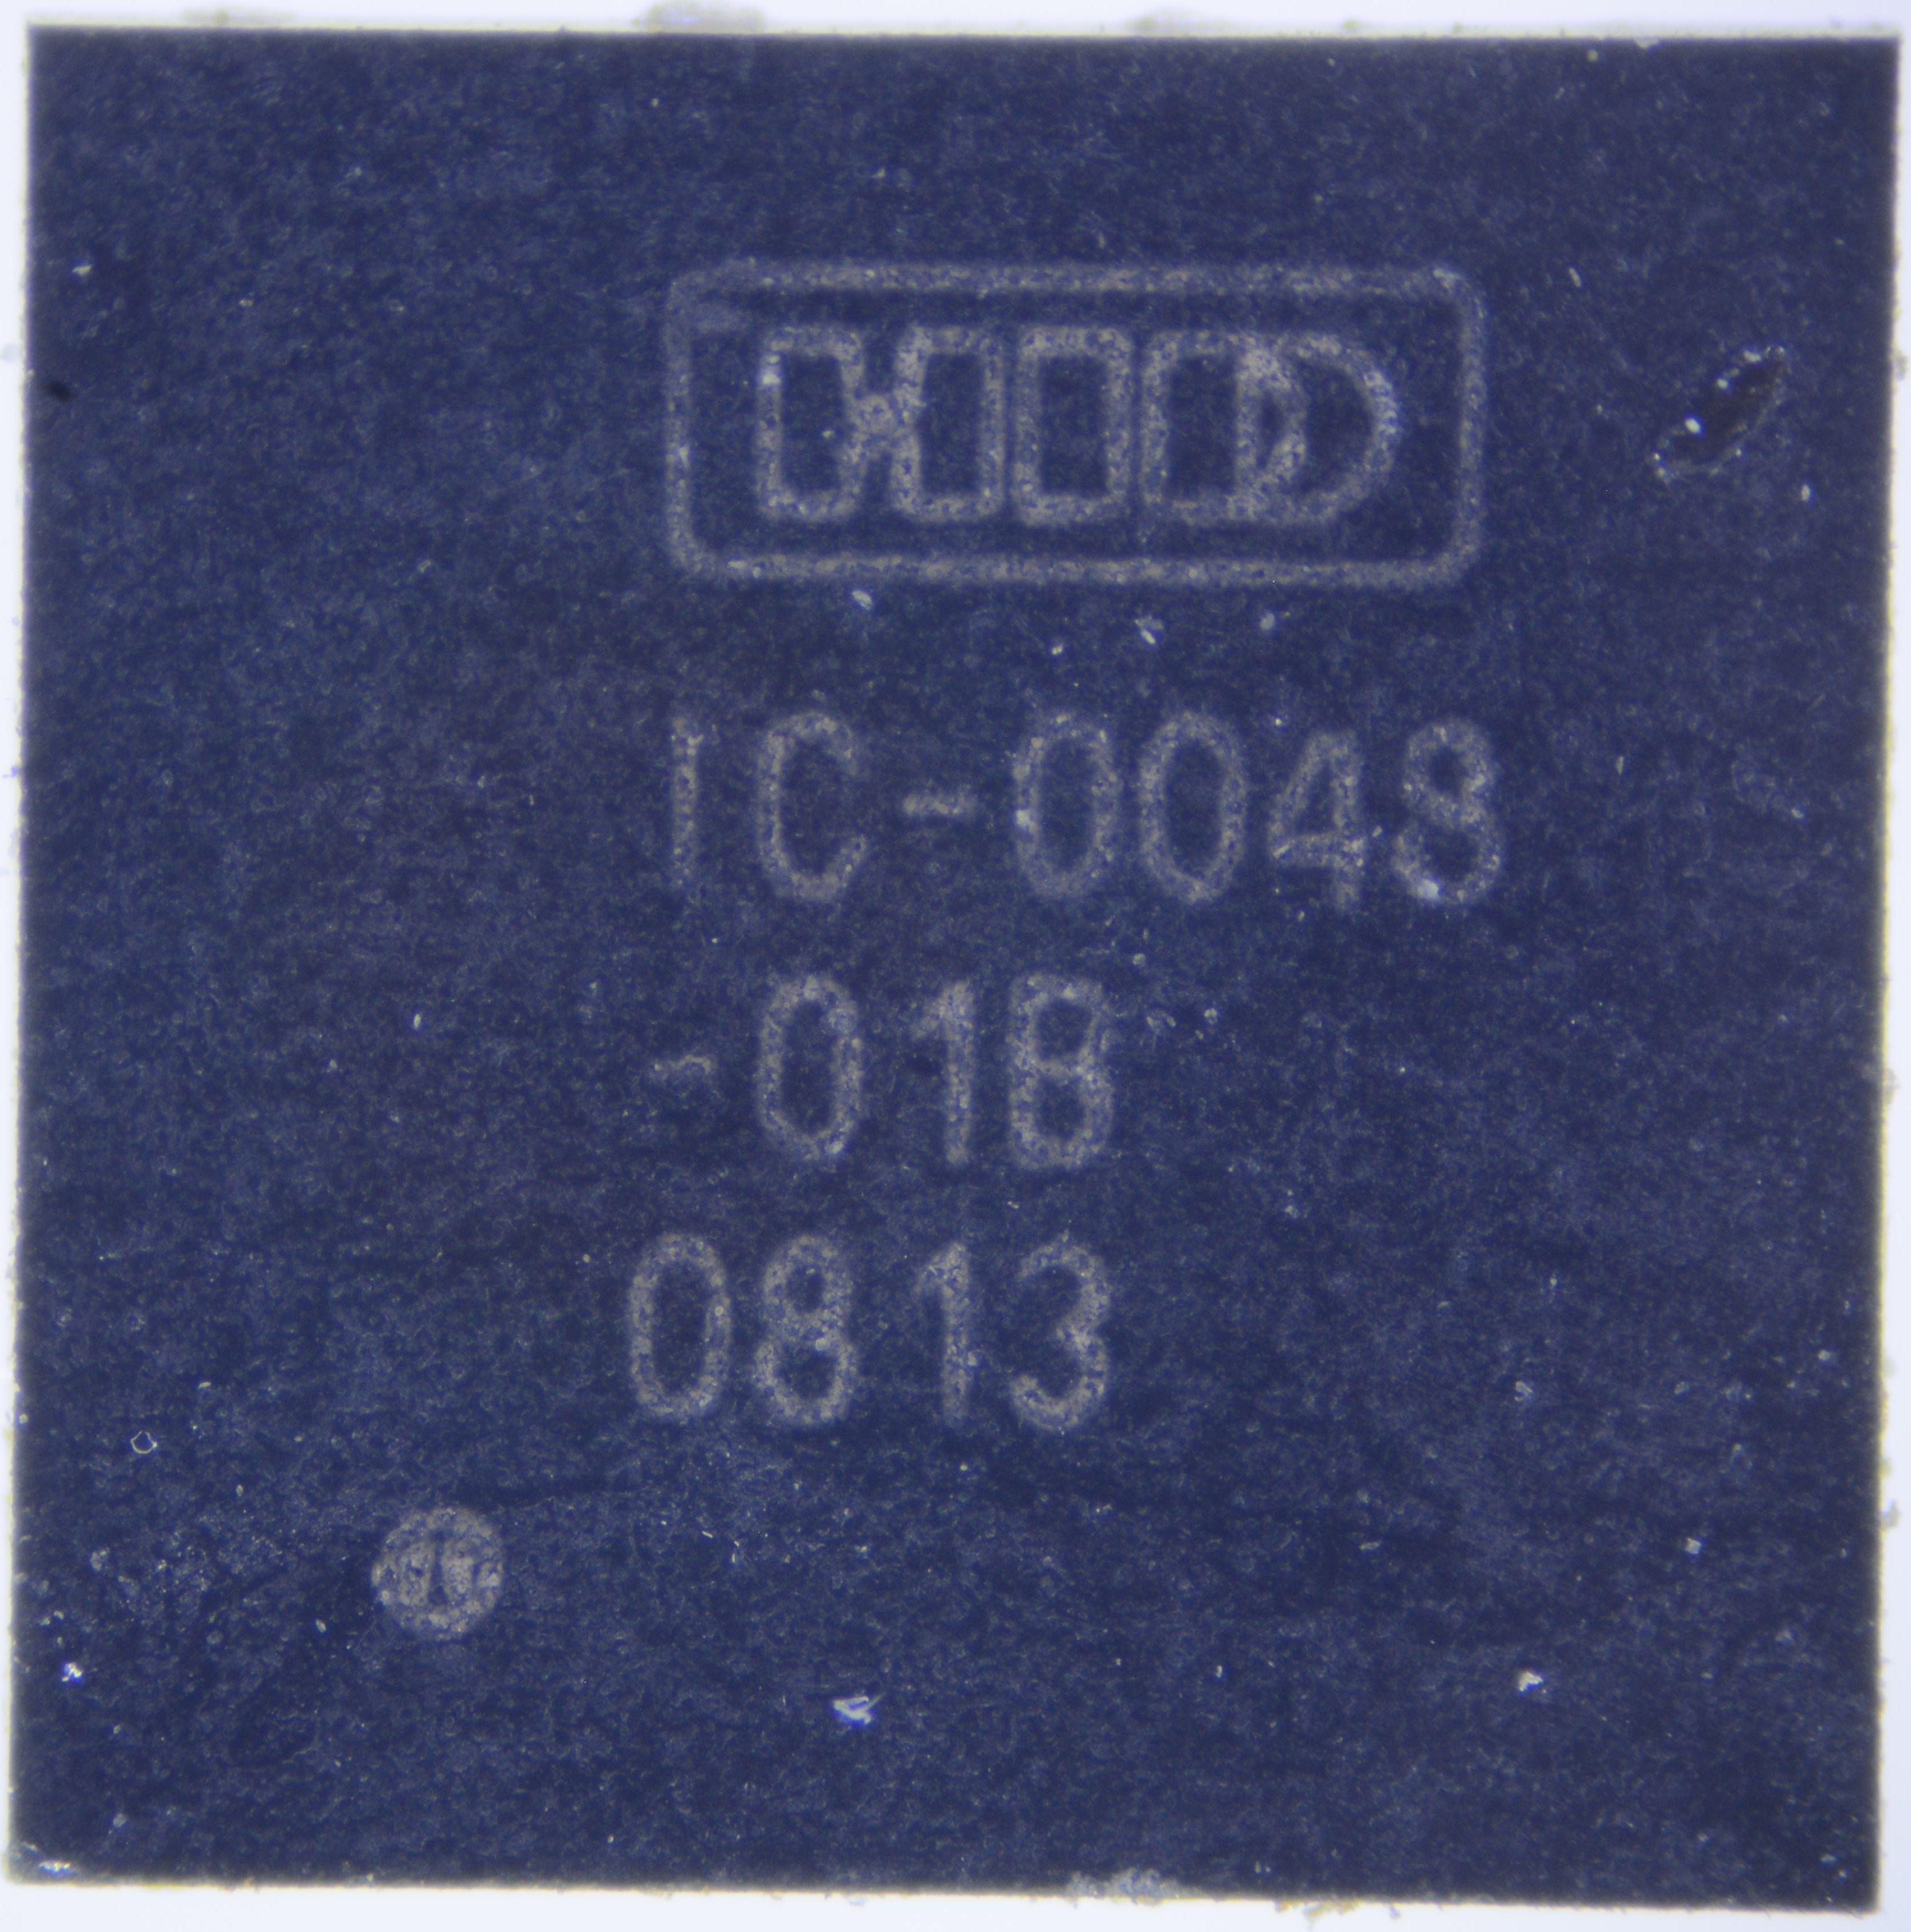 HID%20IC-0048-01B%200813.jpg